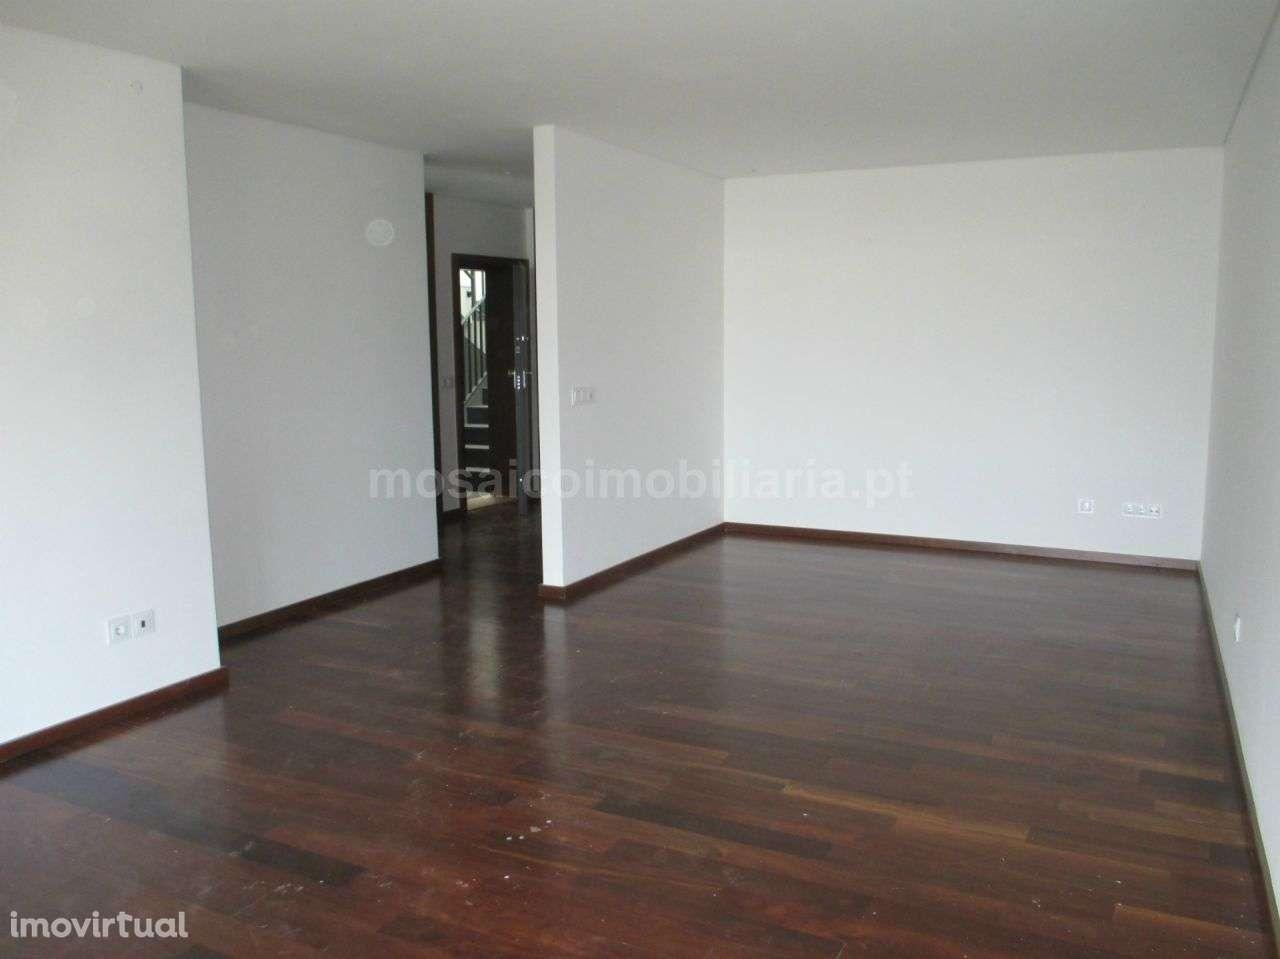 Apartamento para comprar, Canidelo, Porto - Foto 39